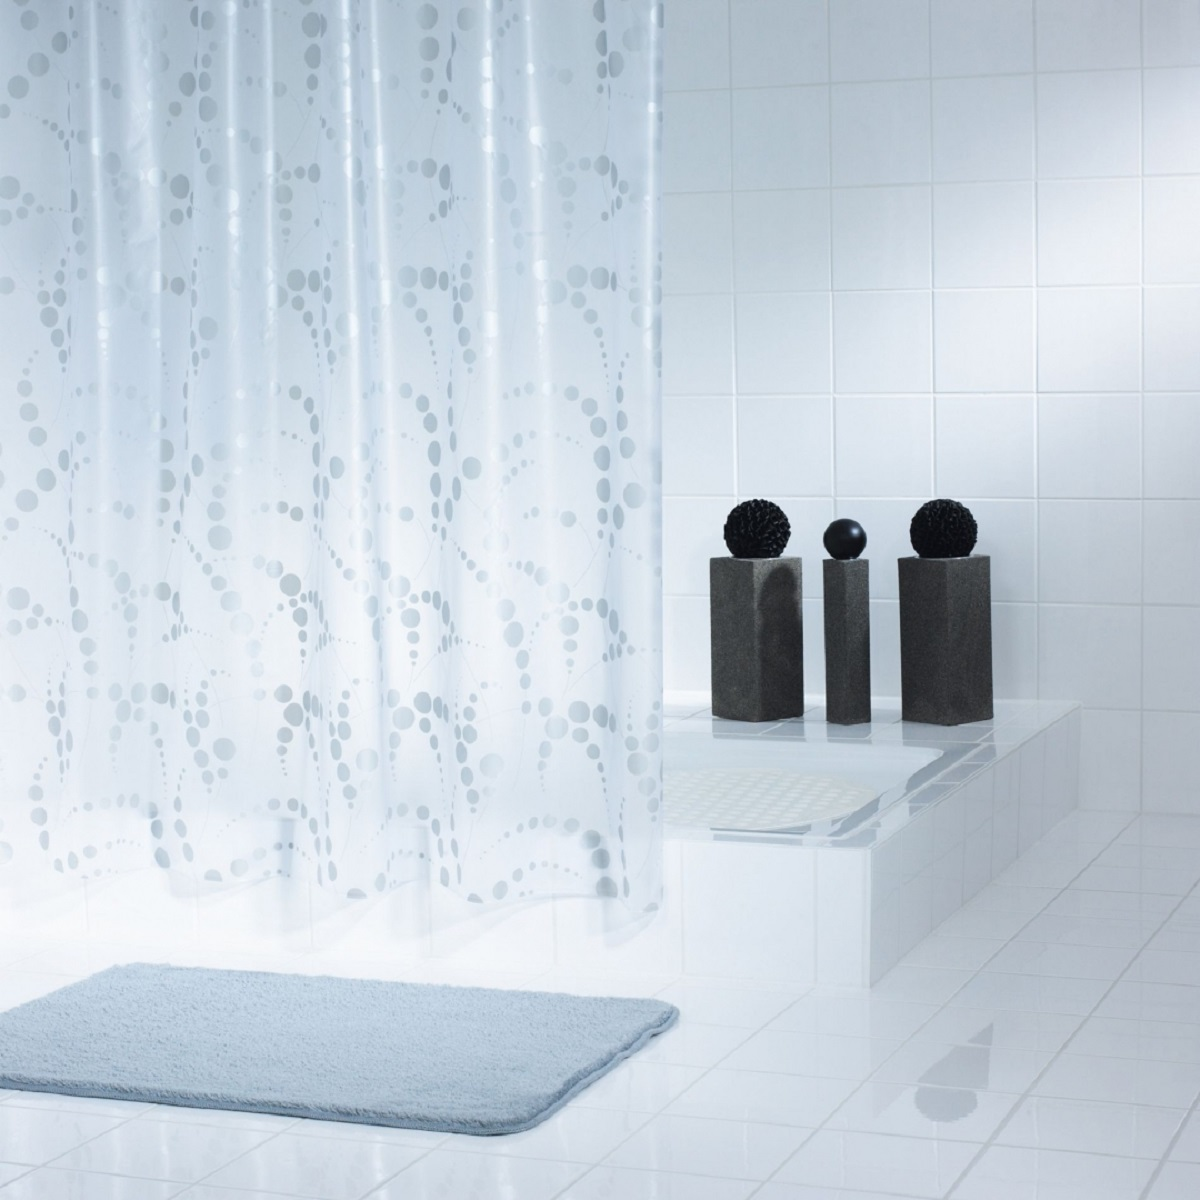 Штора для ванной комнаты Ridder Dots, цвет: серый, 180 х 200 см18013Штора для ванной комнаты Ridder Dots, изготовленная из высококачественного полиэтиленвинилацетата, приятна на ощупь, устойчива к разрывам и проколам, не пропускает воду. Изделие декорировано ярким рисунком с изображением кругов.Штора надежно защитит от брызг и капель пространство вашей ванной комнаты в то время, пока вы принимаете душ, а привлекательный дизайн шторы наполнит вашу ванную комнату положительной энергией.